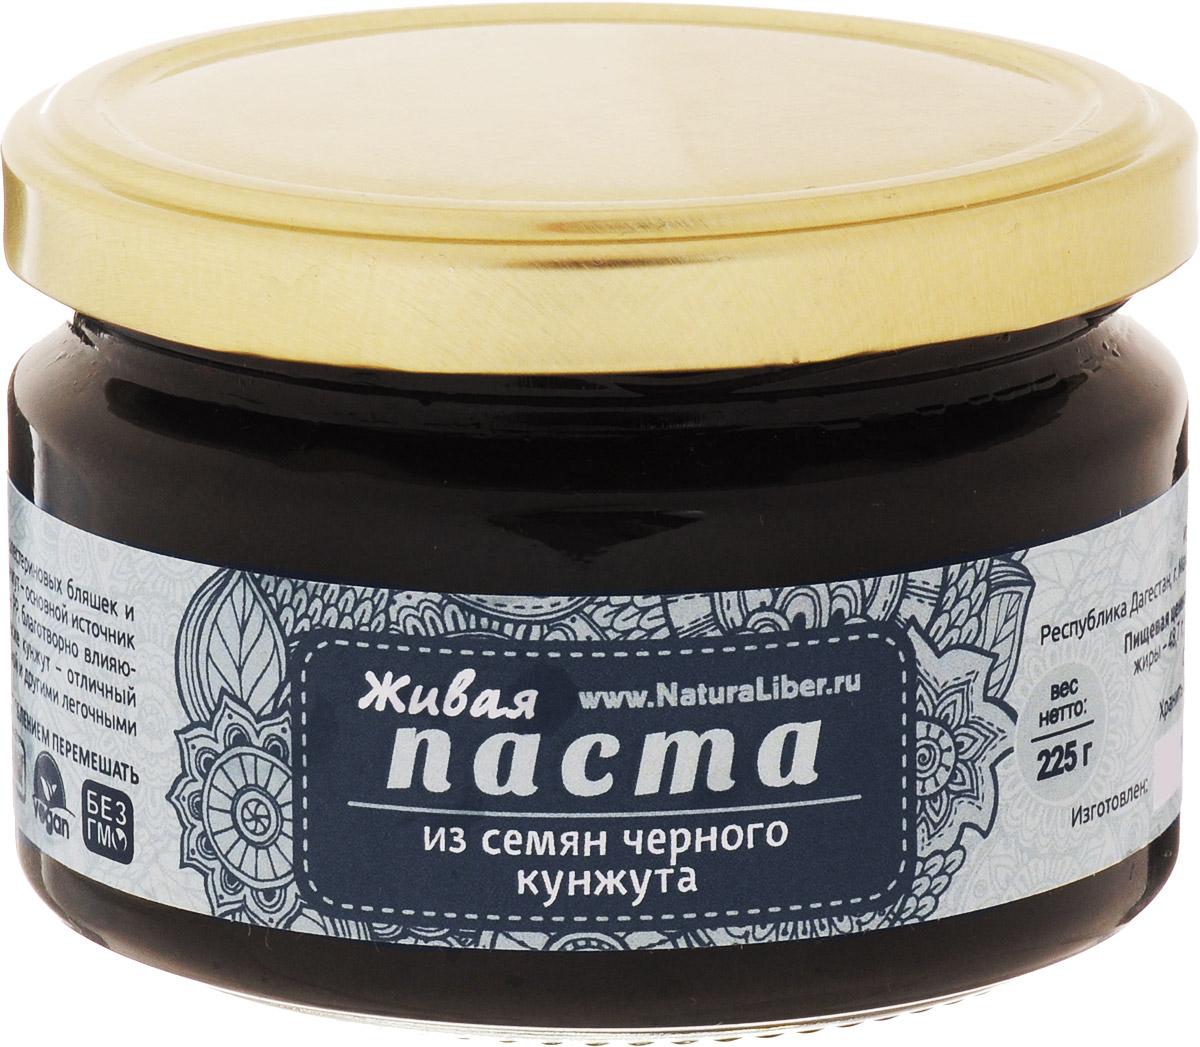 NaturaLiber паста из семян черного кунжута, 225 г0120710Кунжут прекрасно очищает сосуды от холестериновых бляшек и улучшает формулу крови. Функцию снижения холестерина выполняет содержащийся в семенах кунжута бета-ситостерин. Кроме того кунжут - основной источник извести в организме, а входящий в его состав витамин PP благотворно влияет на пищеварительную систему. Также кунжут - отличный помощник в борьбе с бронхиальной астмой и другими легочными заболеваниями.